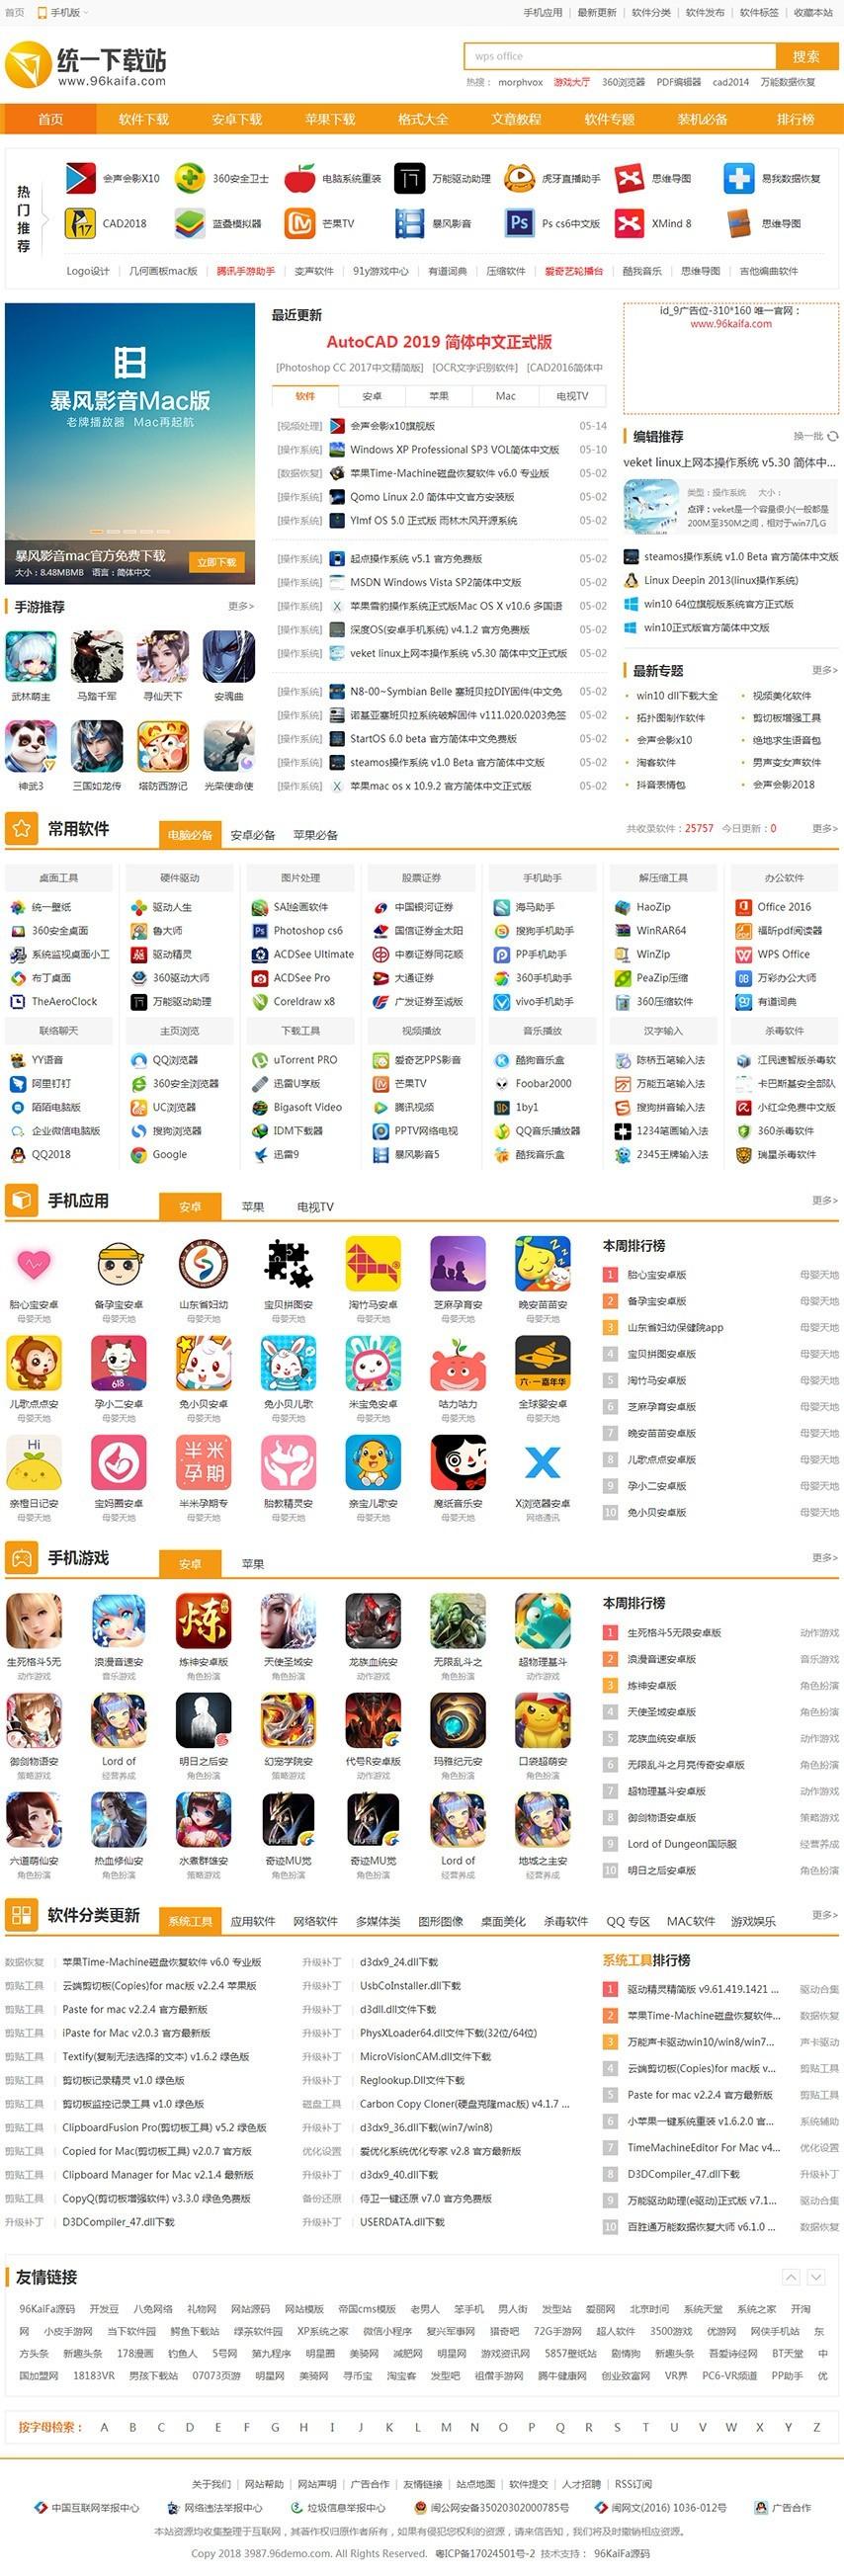 仿《统一下载站》源码 PC大型软件下载站 手机游戏下载站网站模板